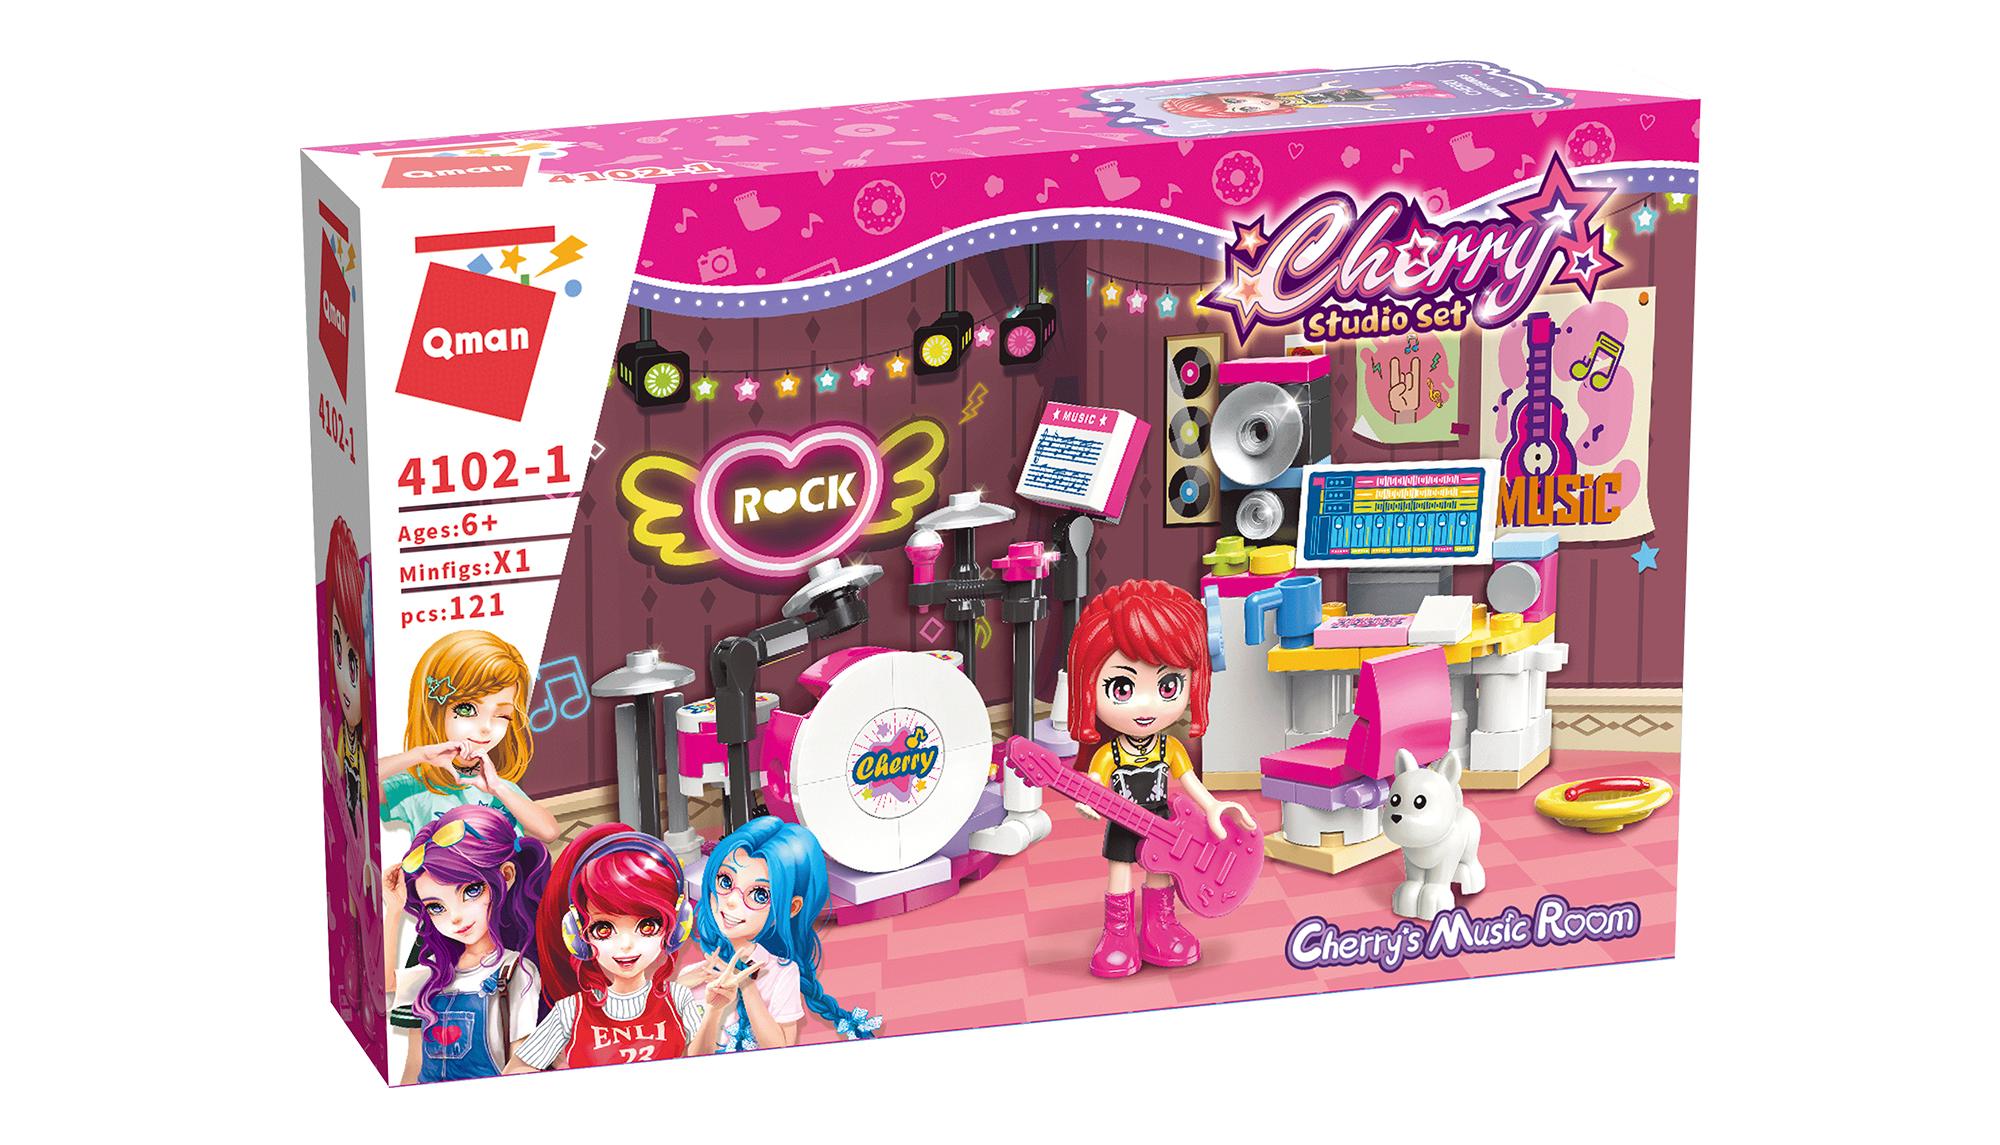 Qman Cherry 4102-1 Zkušebna Cherry Qman Cherry 4102-1 Zkušebna Cherry